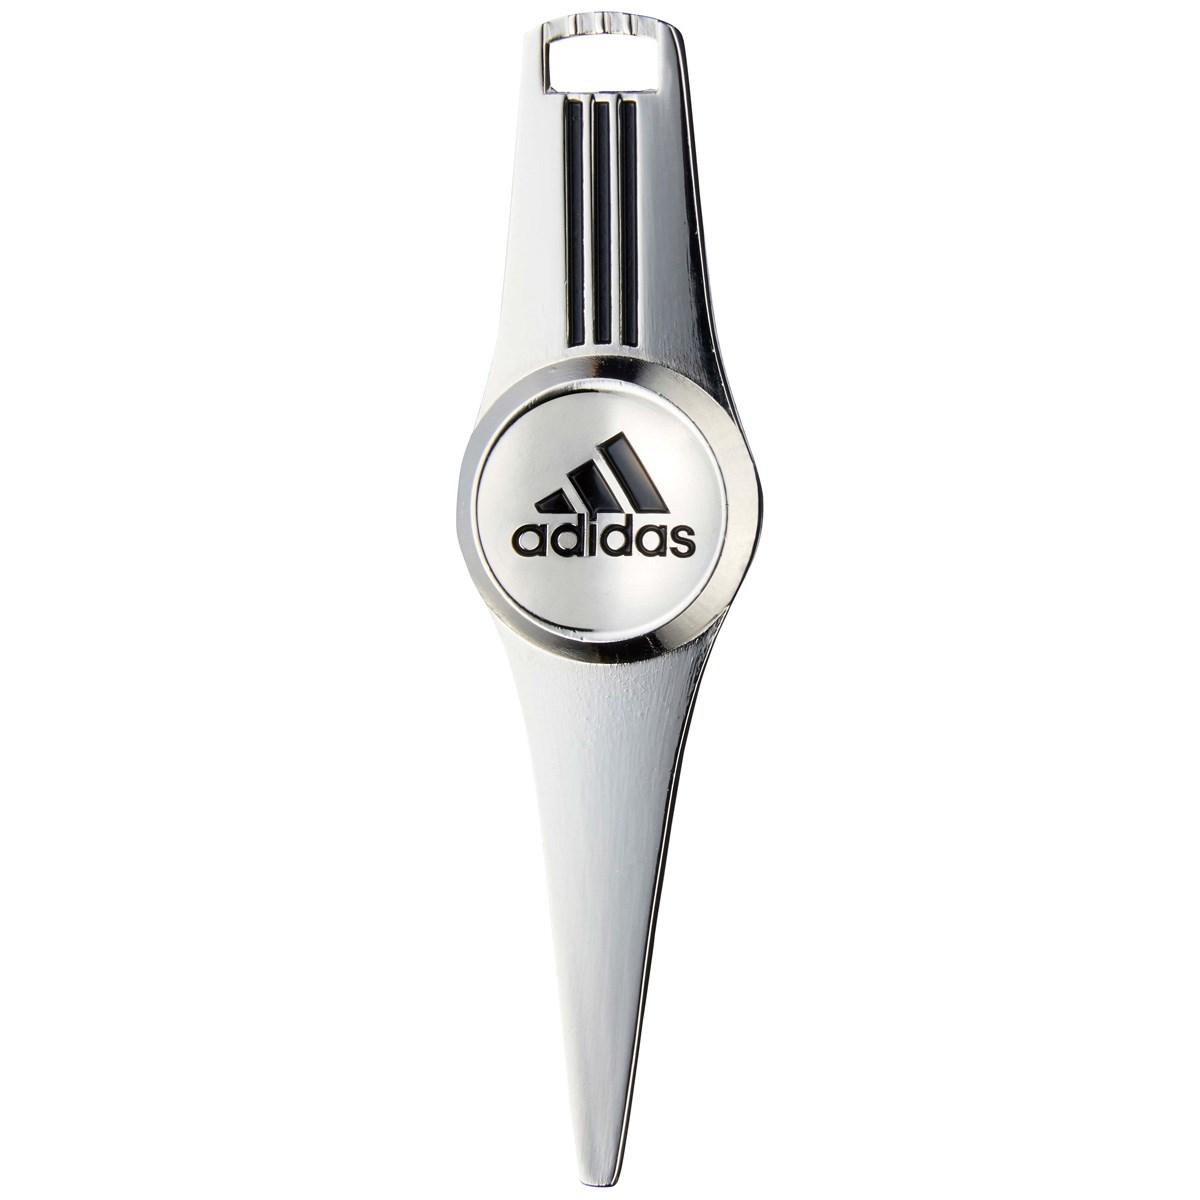 アディダス Adidas シングルグリーンフォーク シルバー/ブラック A42038